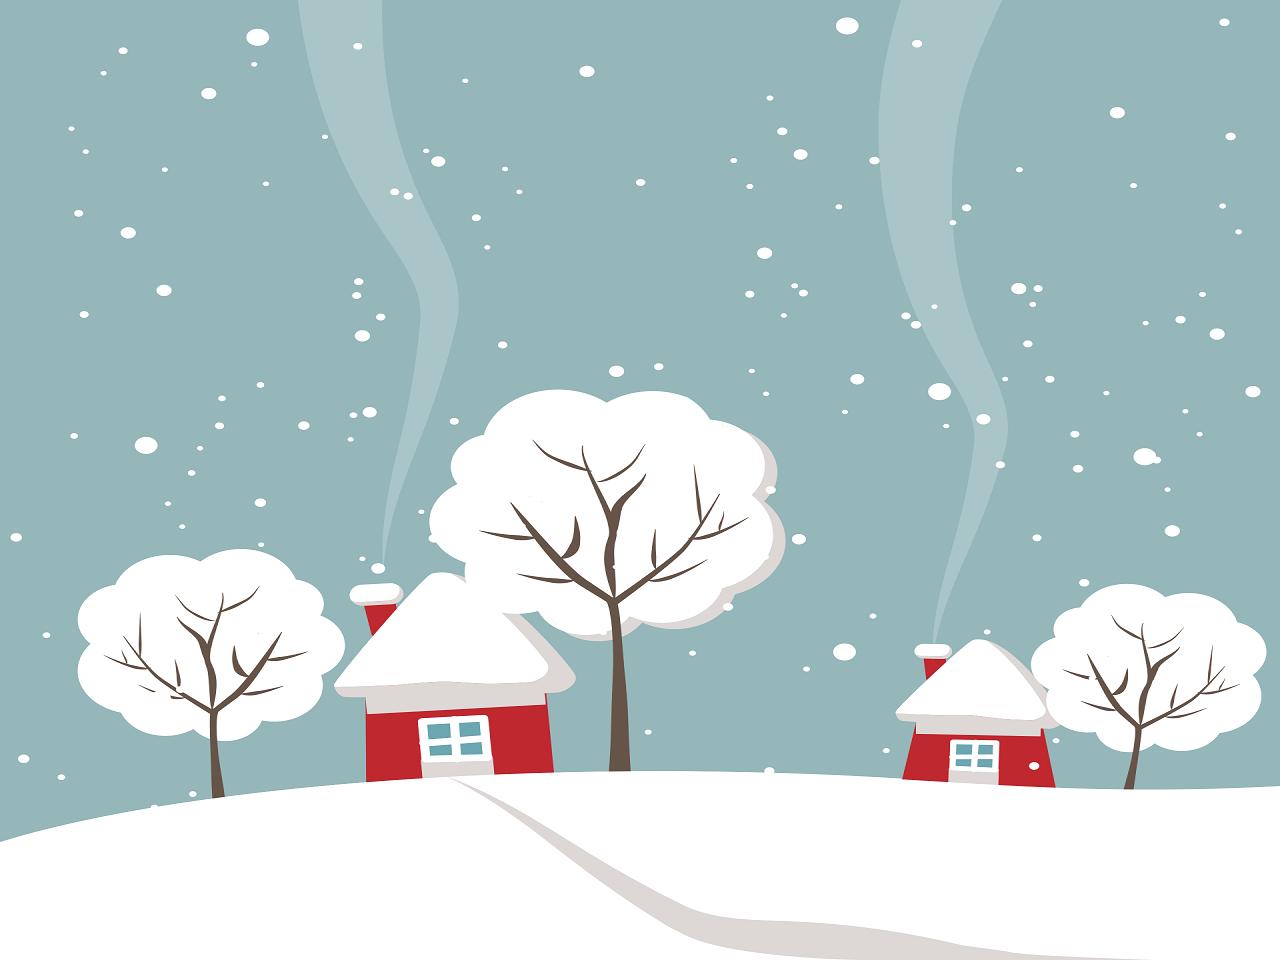 冬と家のイラスト